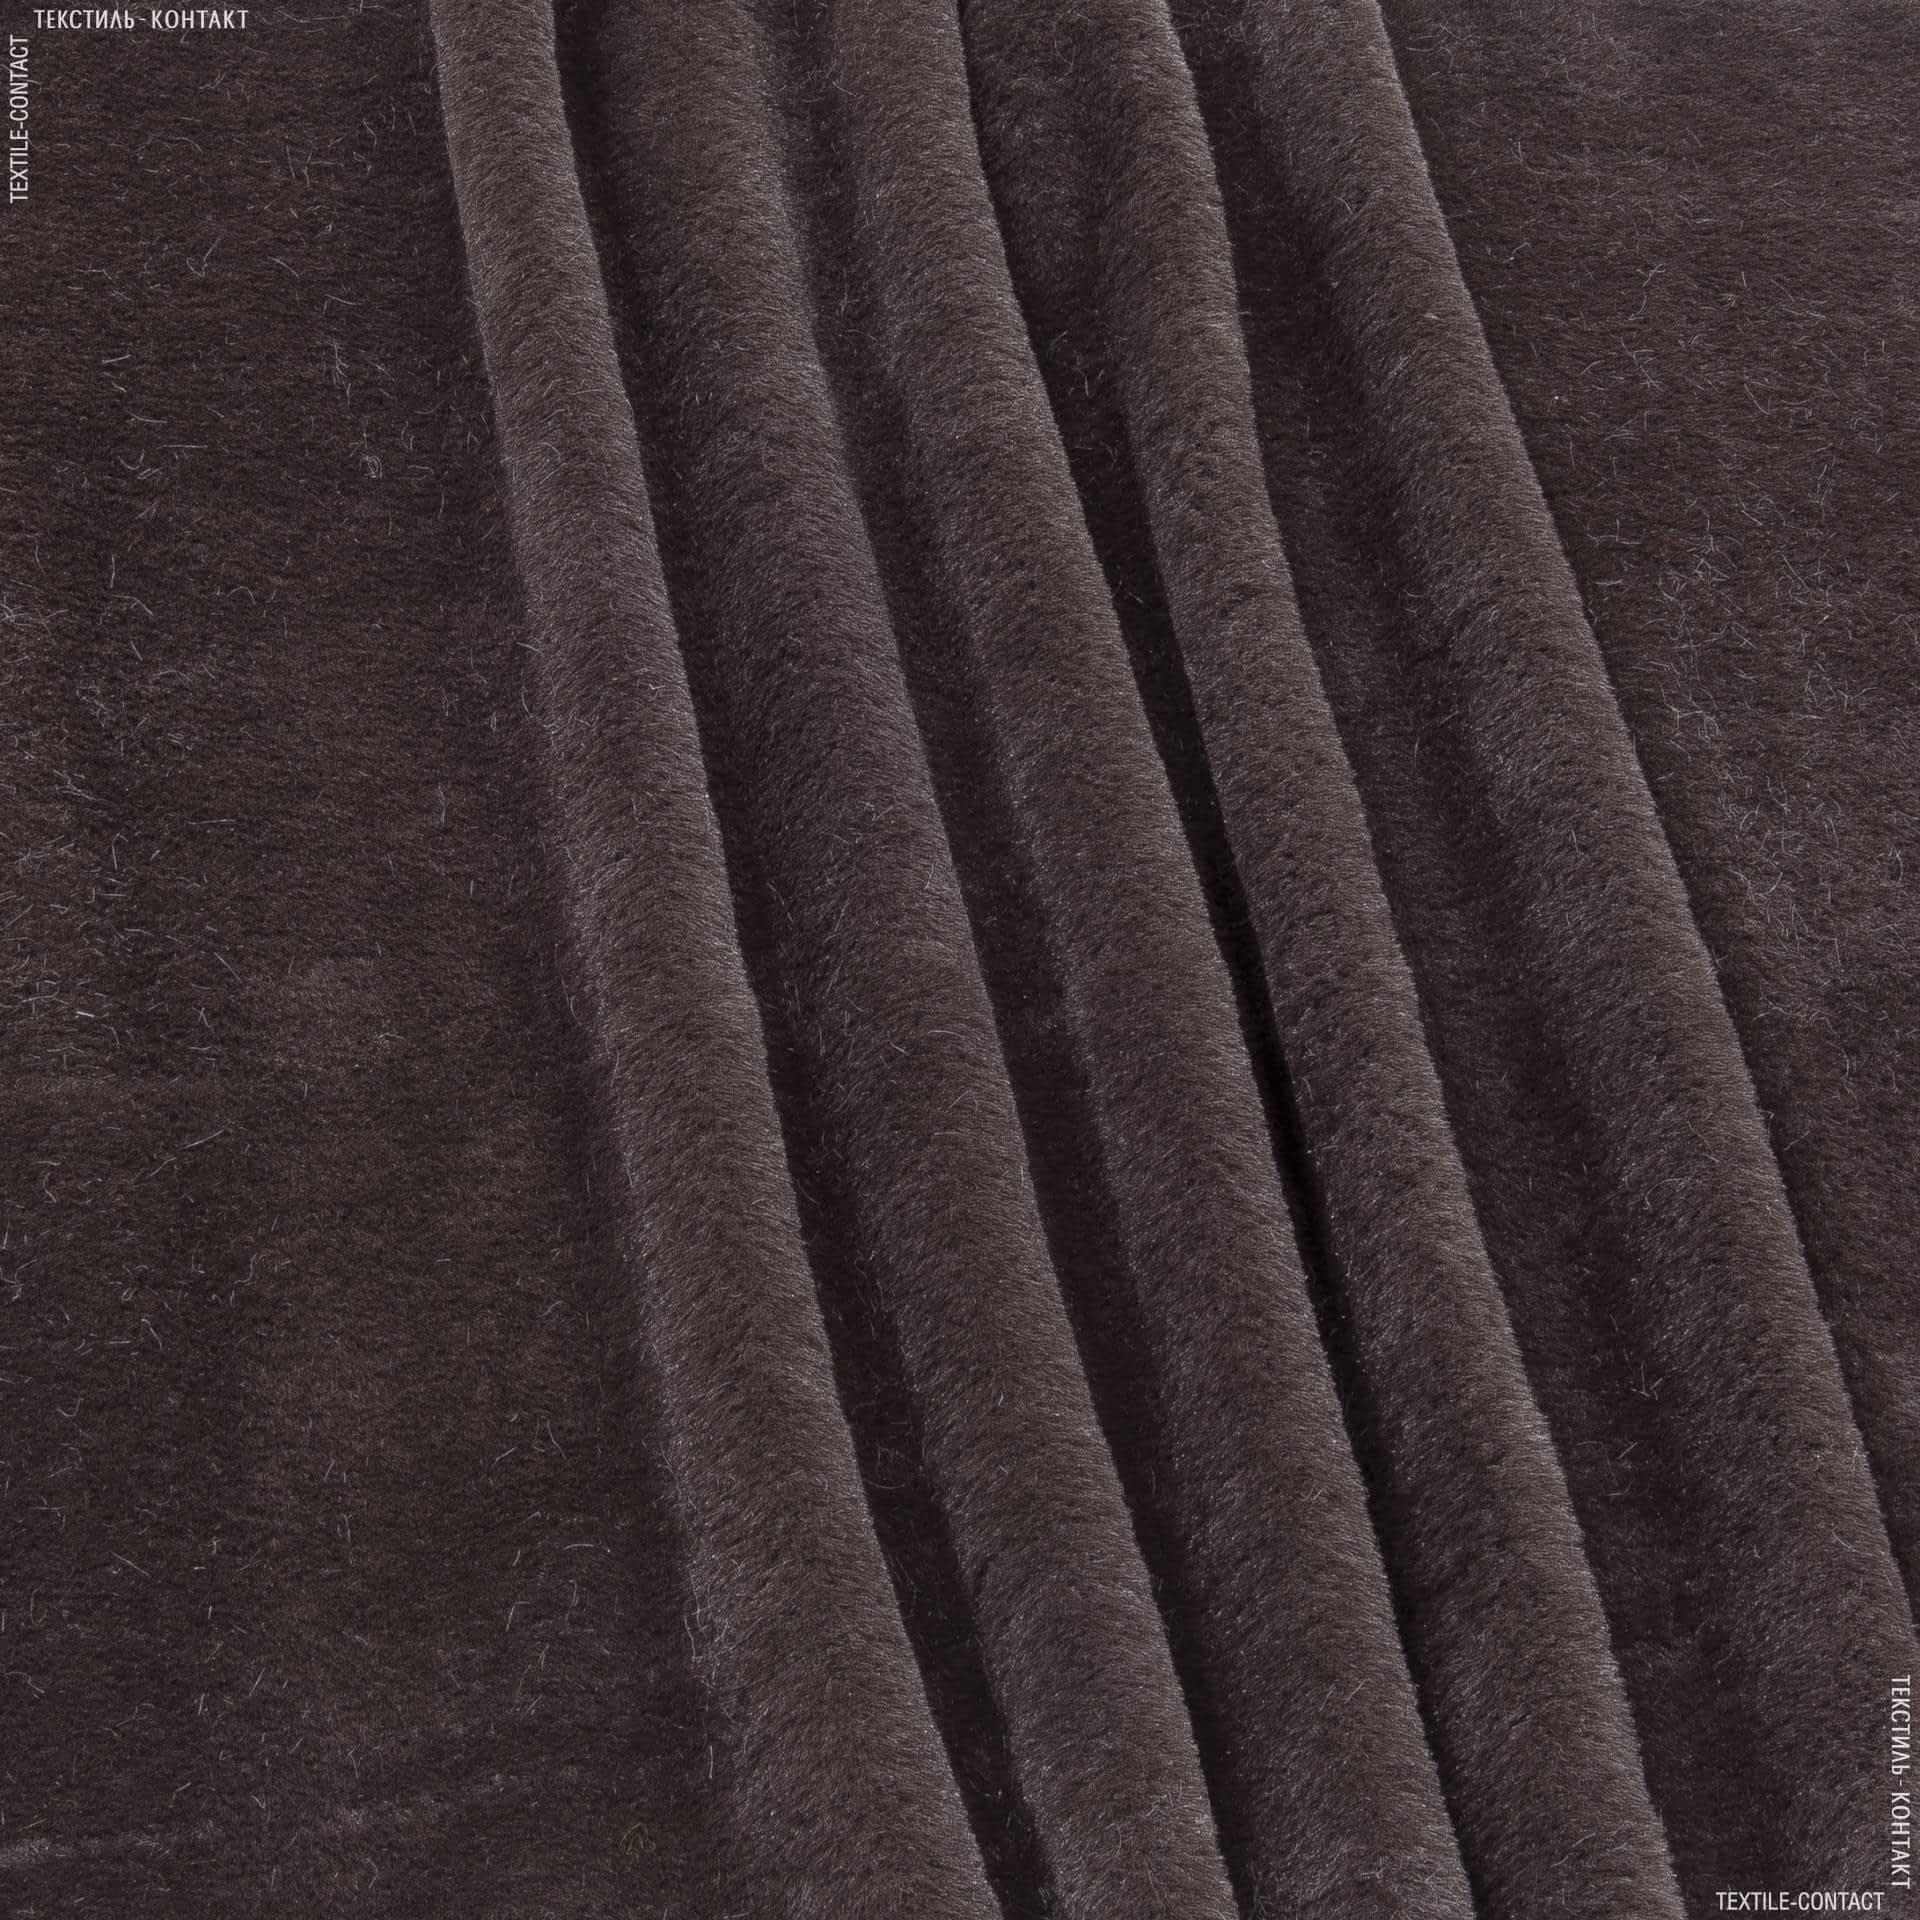 Ткани для верхней одежды - Мех лайт софт коричневый